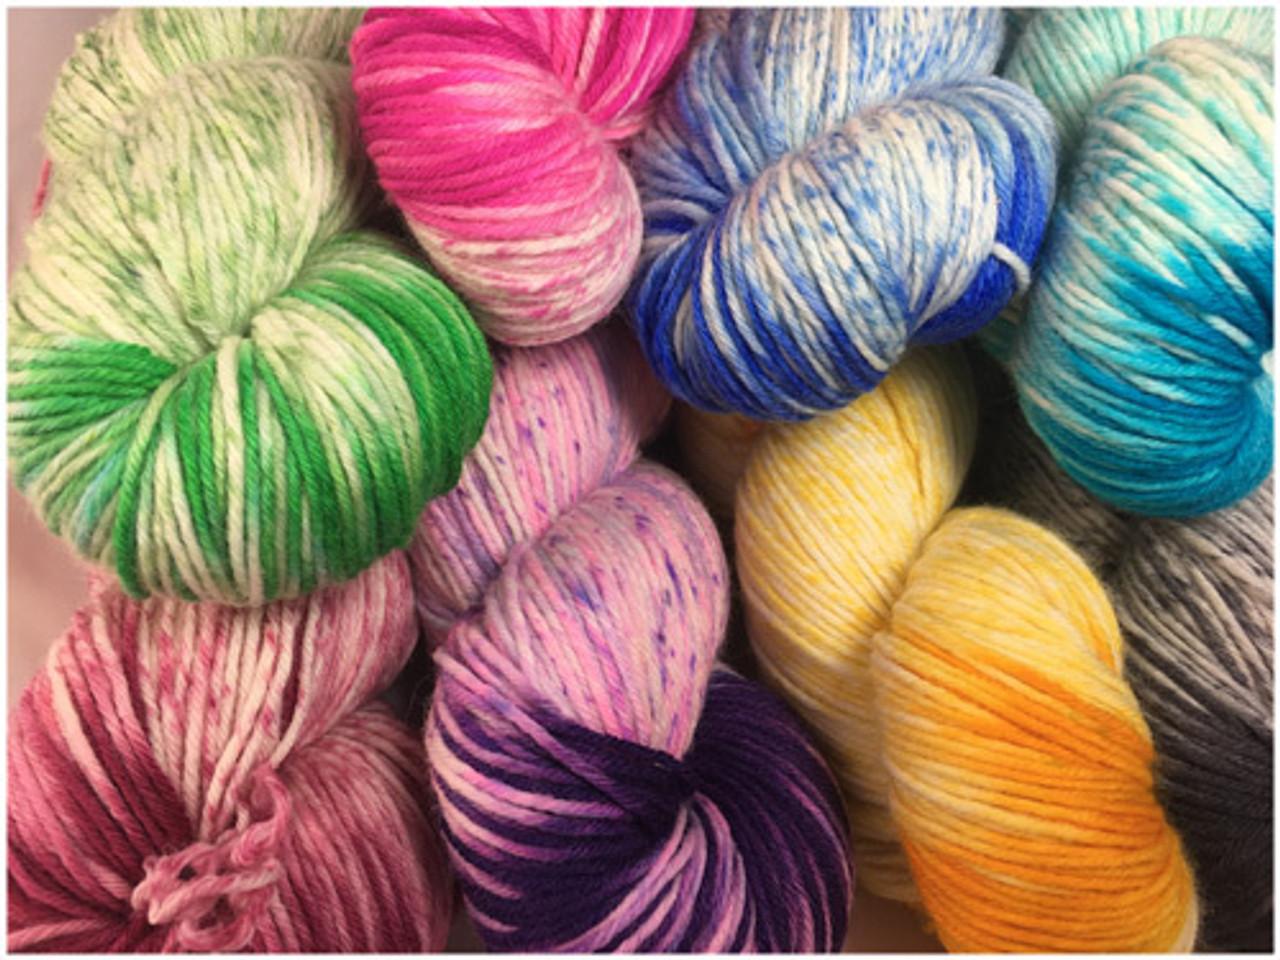 Auracania Yarn - Huasco Color